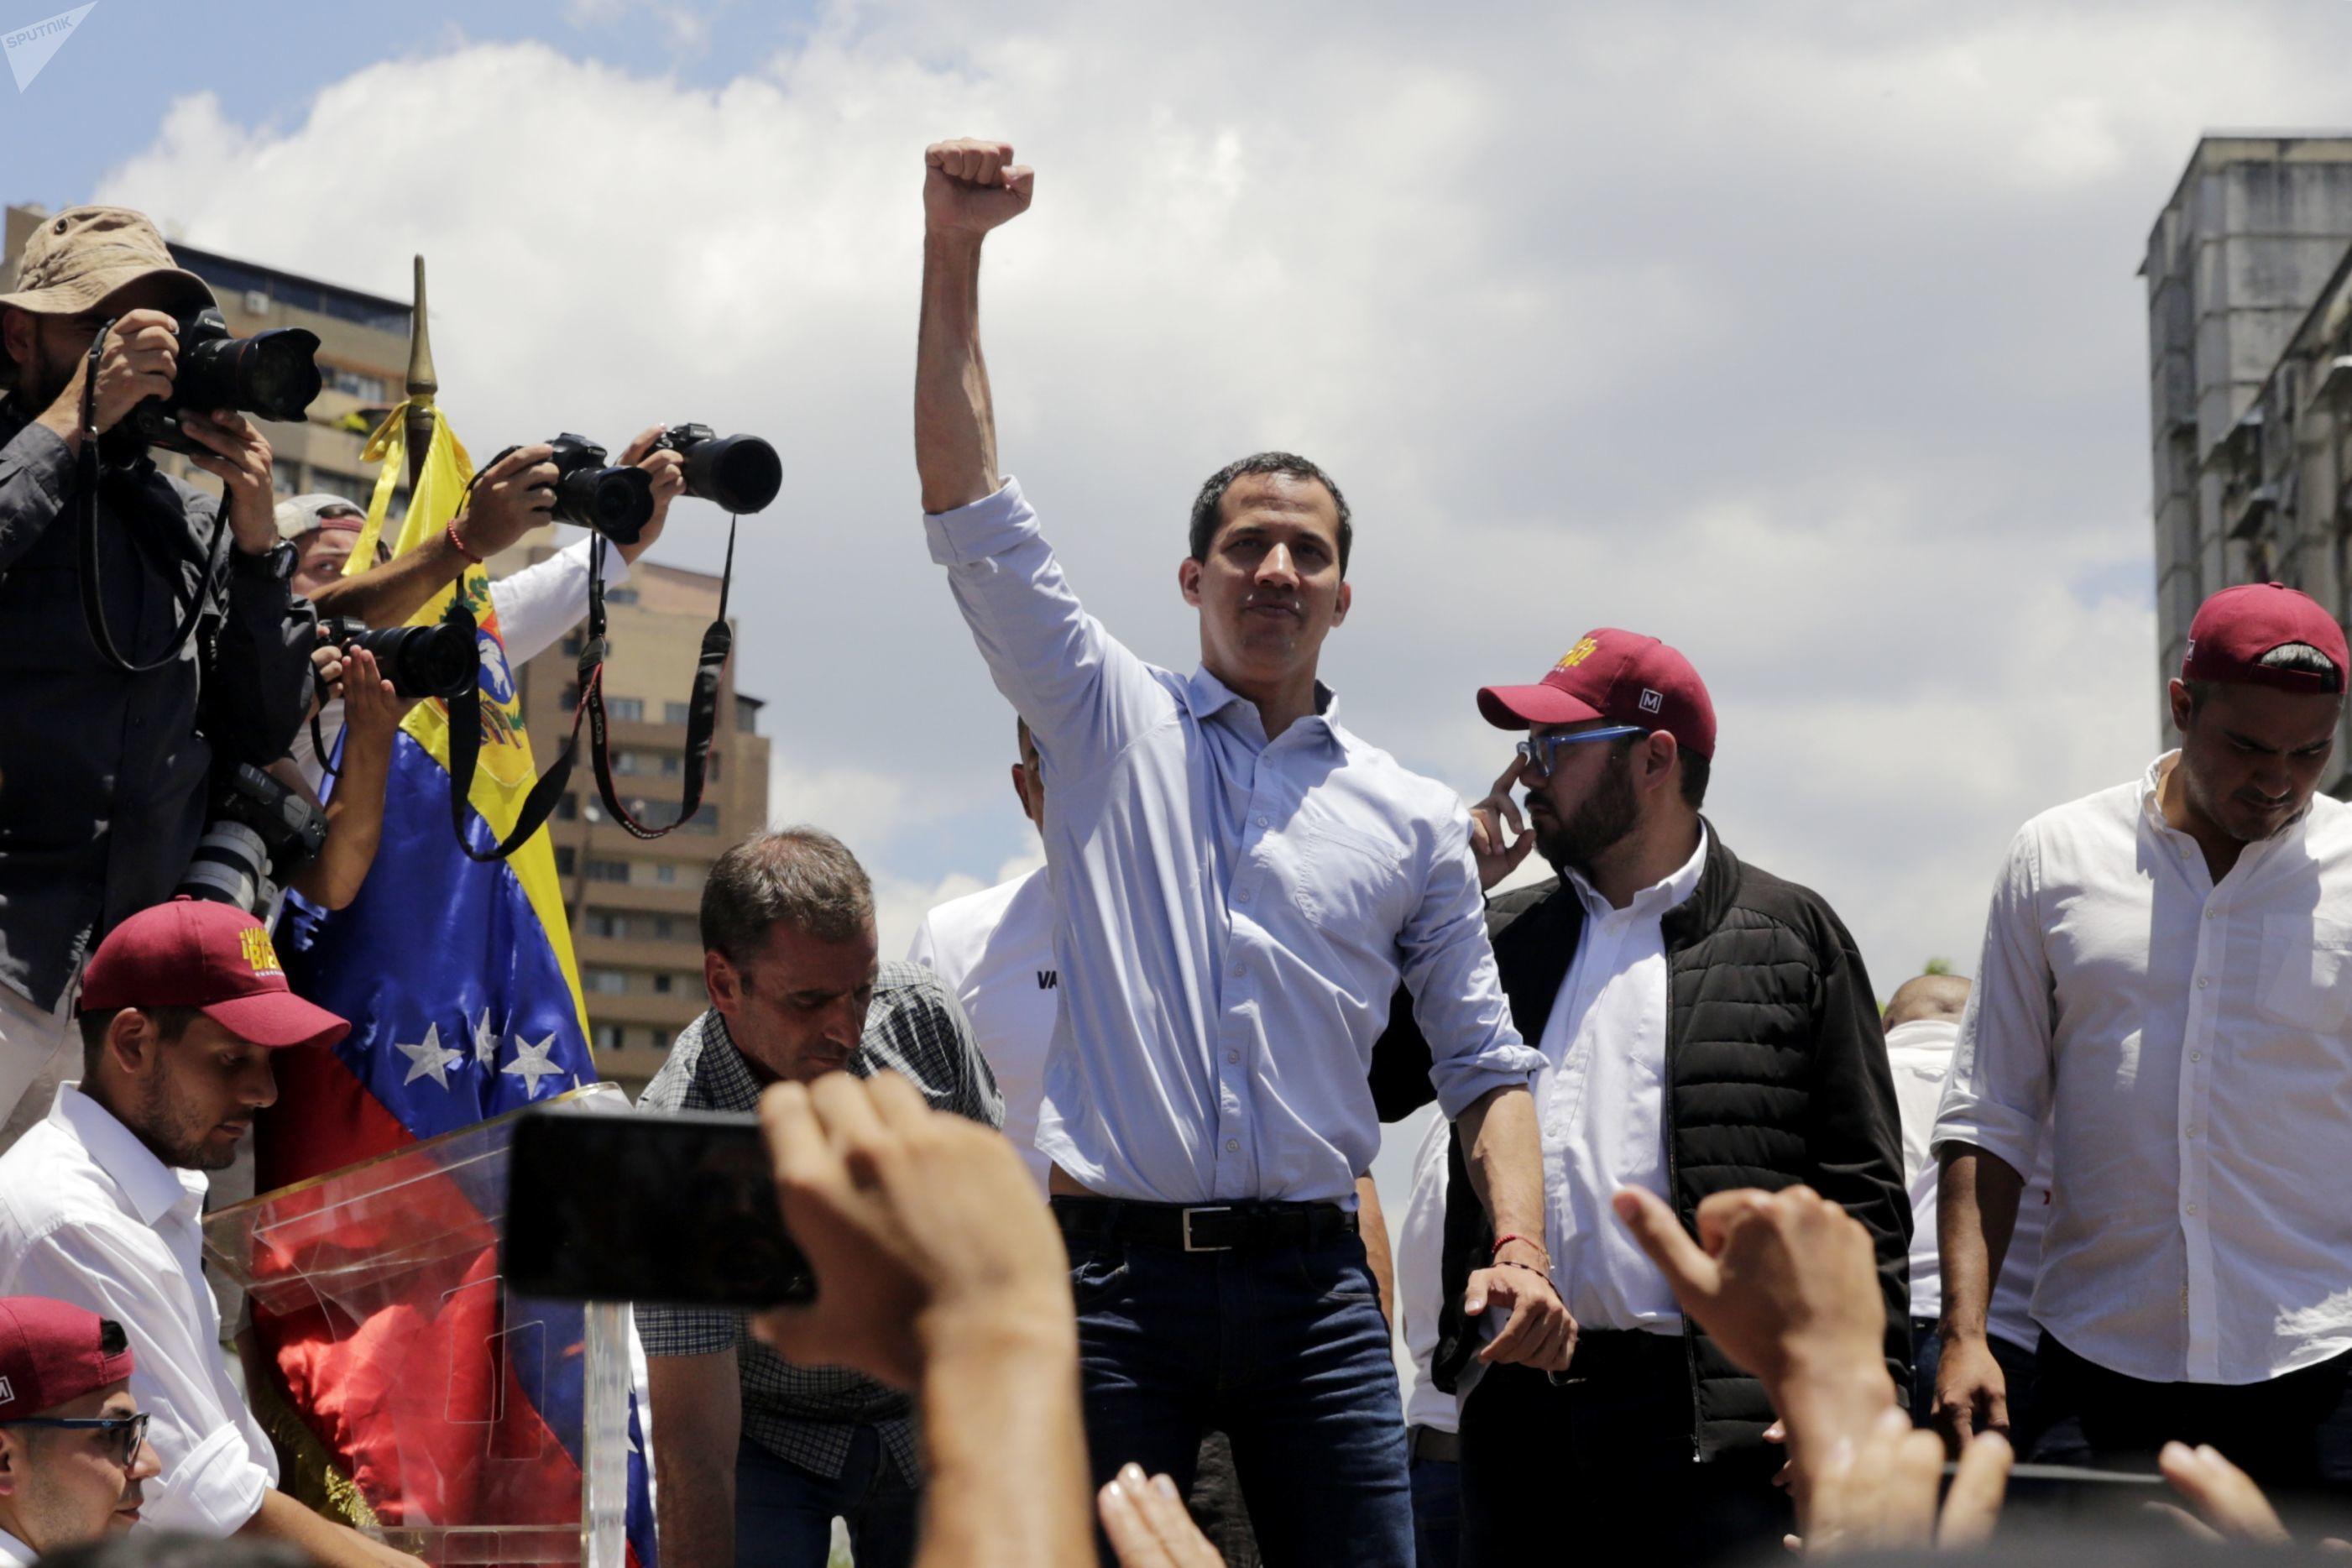 Los medios de comunicación hegemónicos han modificado su narrativa alrededor de Juan Guaidó, líder opositor de Venezuela: pasaron de denominarlo 'presidente interino' a 'autoproclamado presidente' tras ver el fracaso de su estrategia apoyada por EEUU